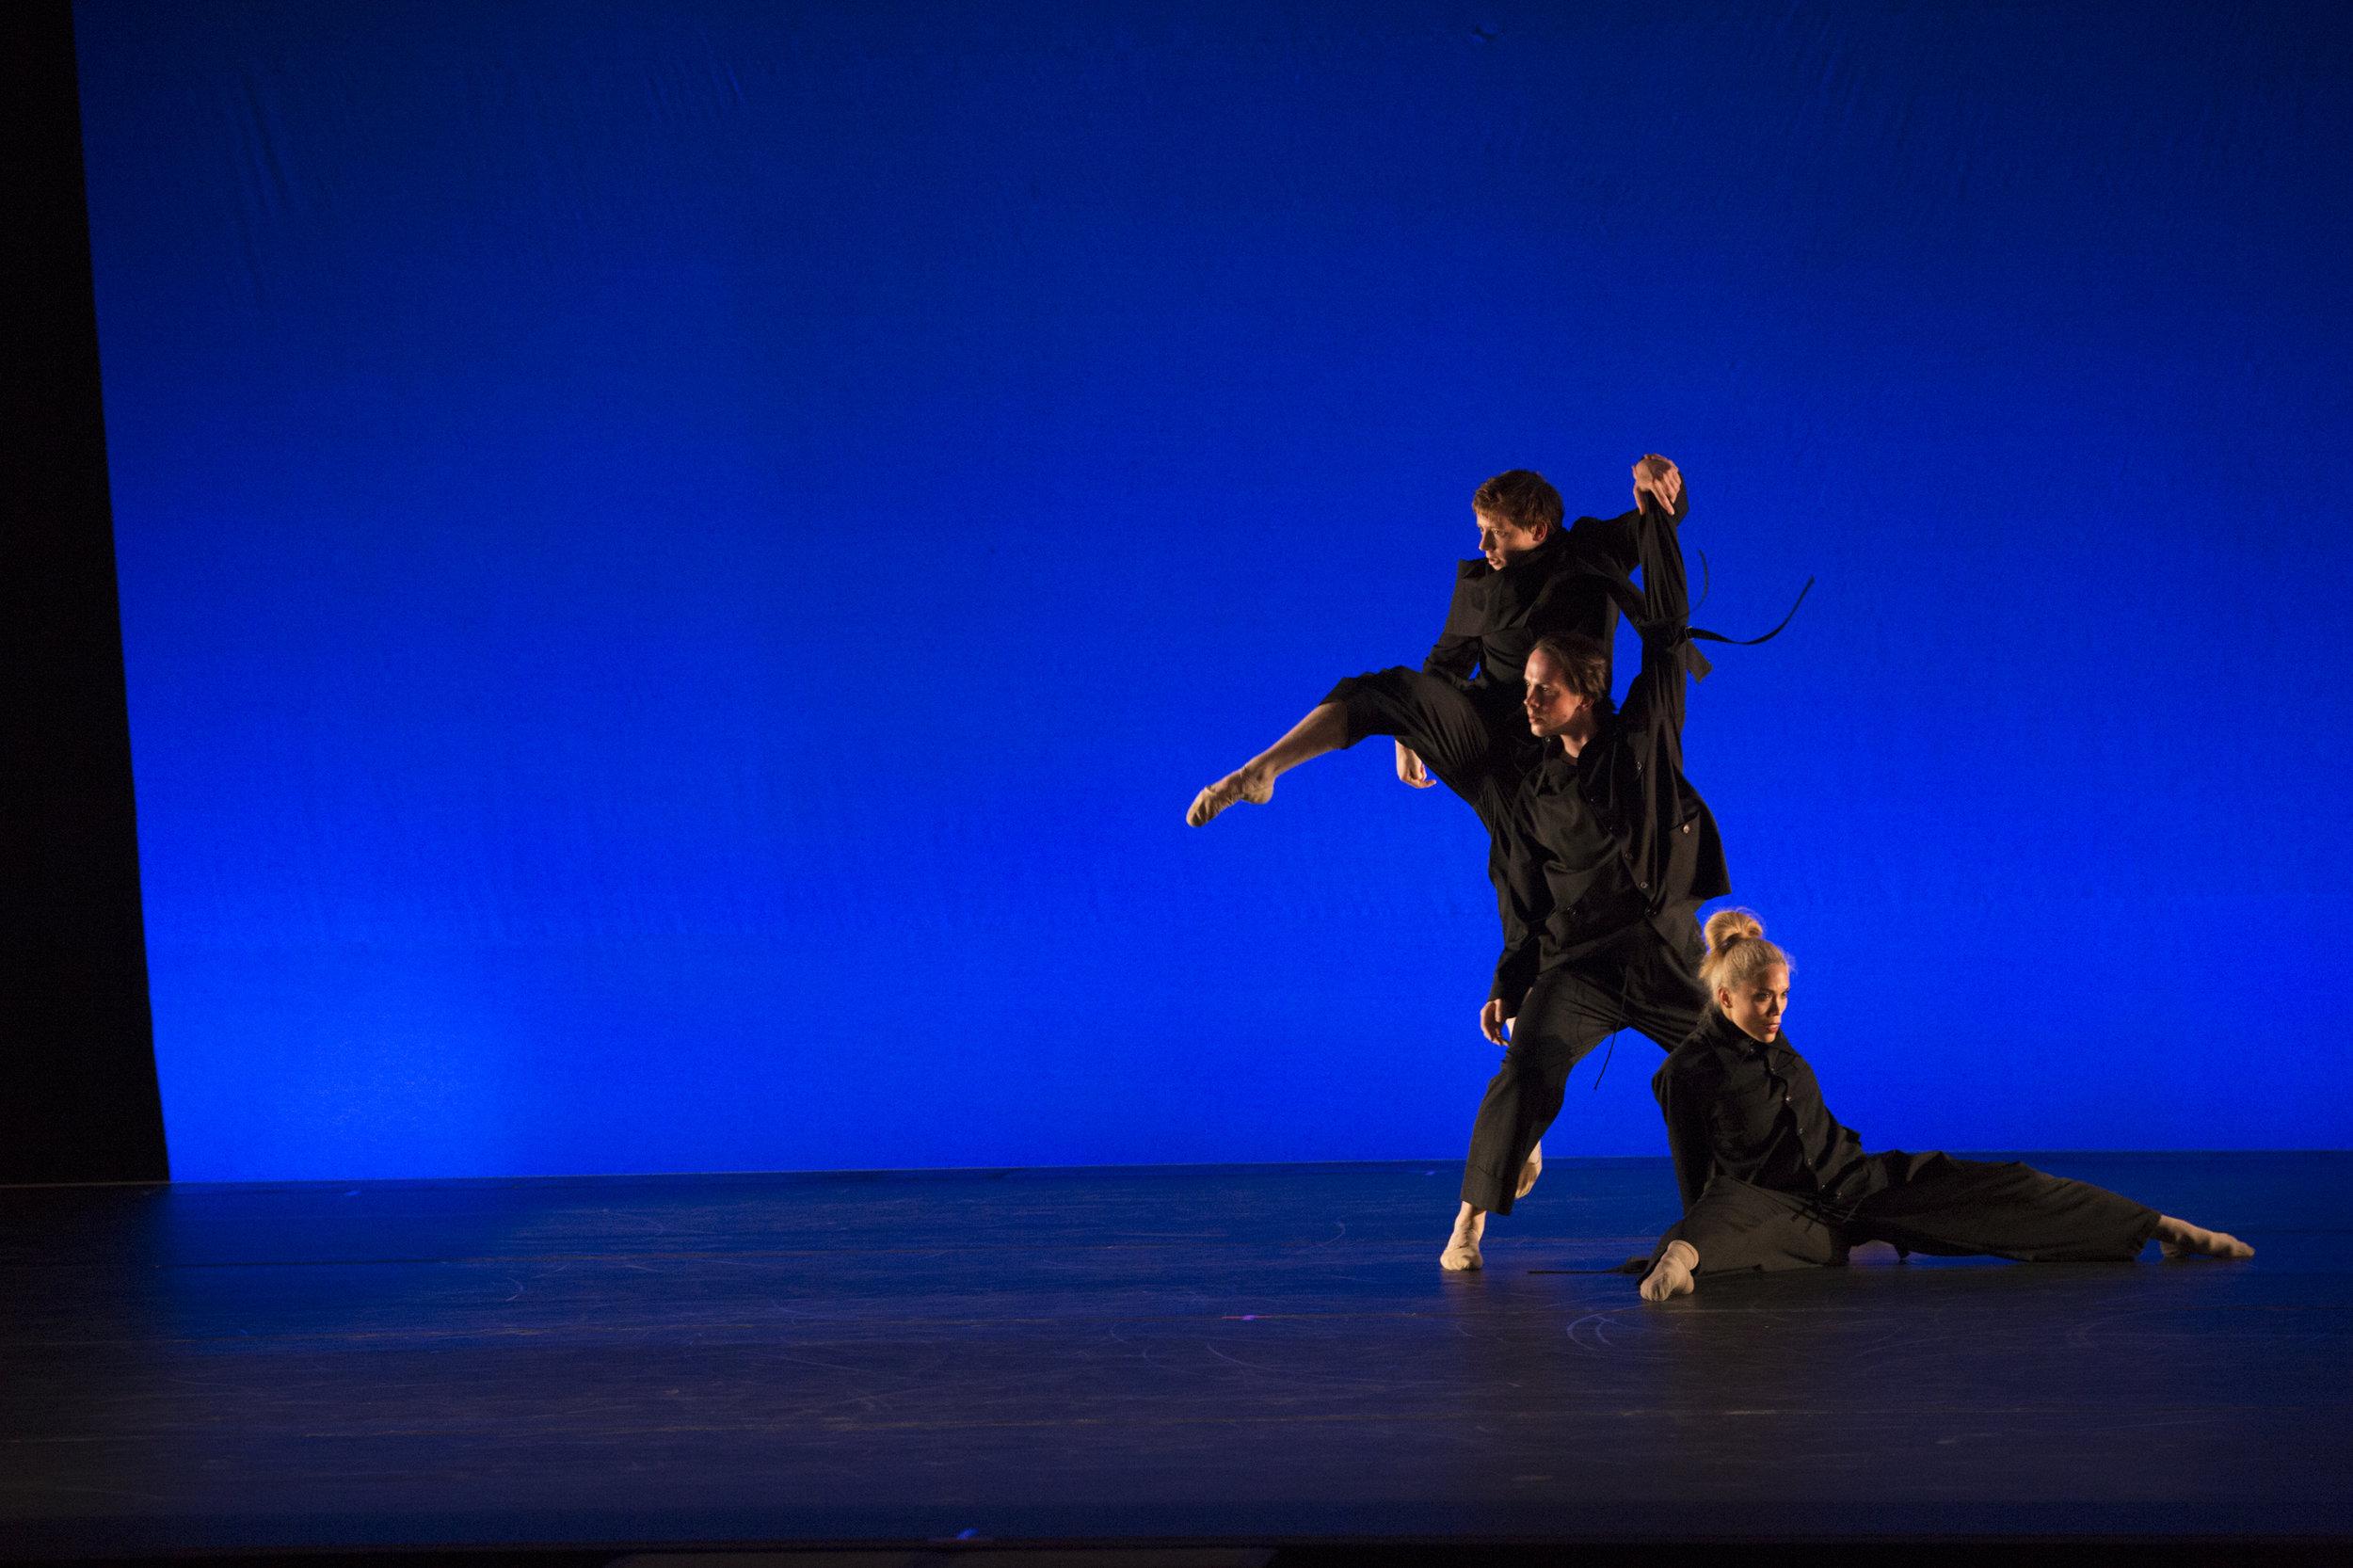 Cirio-Collective-Hudson-Valley-Dance-Festival-2017-photo by @franciscograciano-8468.jpg